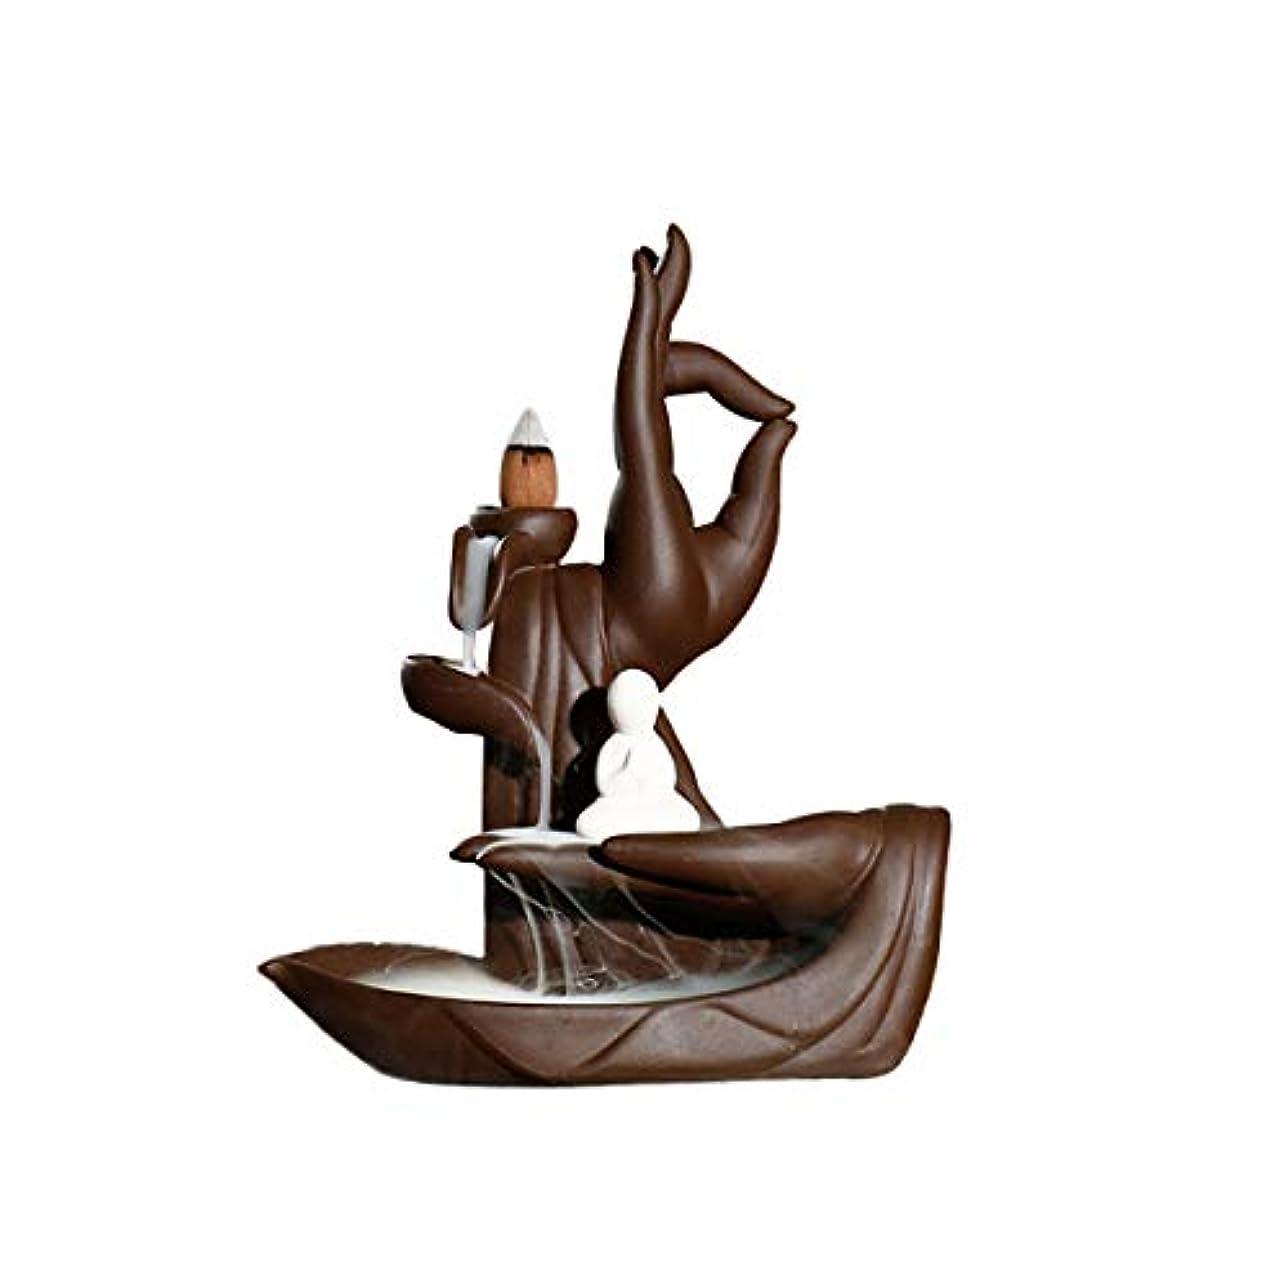 取得する愛情傾いたLIOOBO 逆流香バーナー逆転ベルガモット観音仏セラミック釉香スモークコーンバーナー逆流香炉タワーホルダー禅ガーデンテーブルの装飾